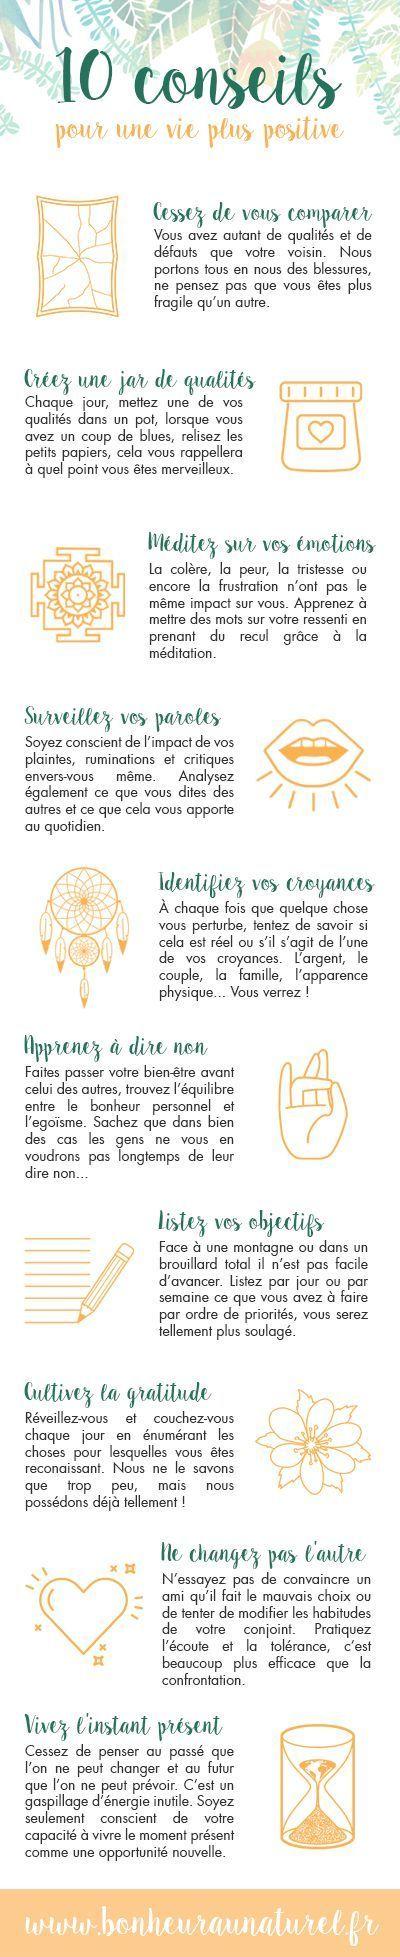 Positive Quotes 10 Conseils Pour Une Vie Plus Positive Omg